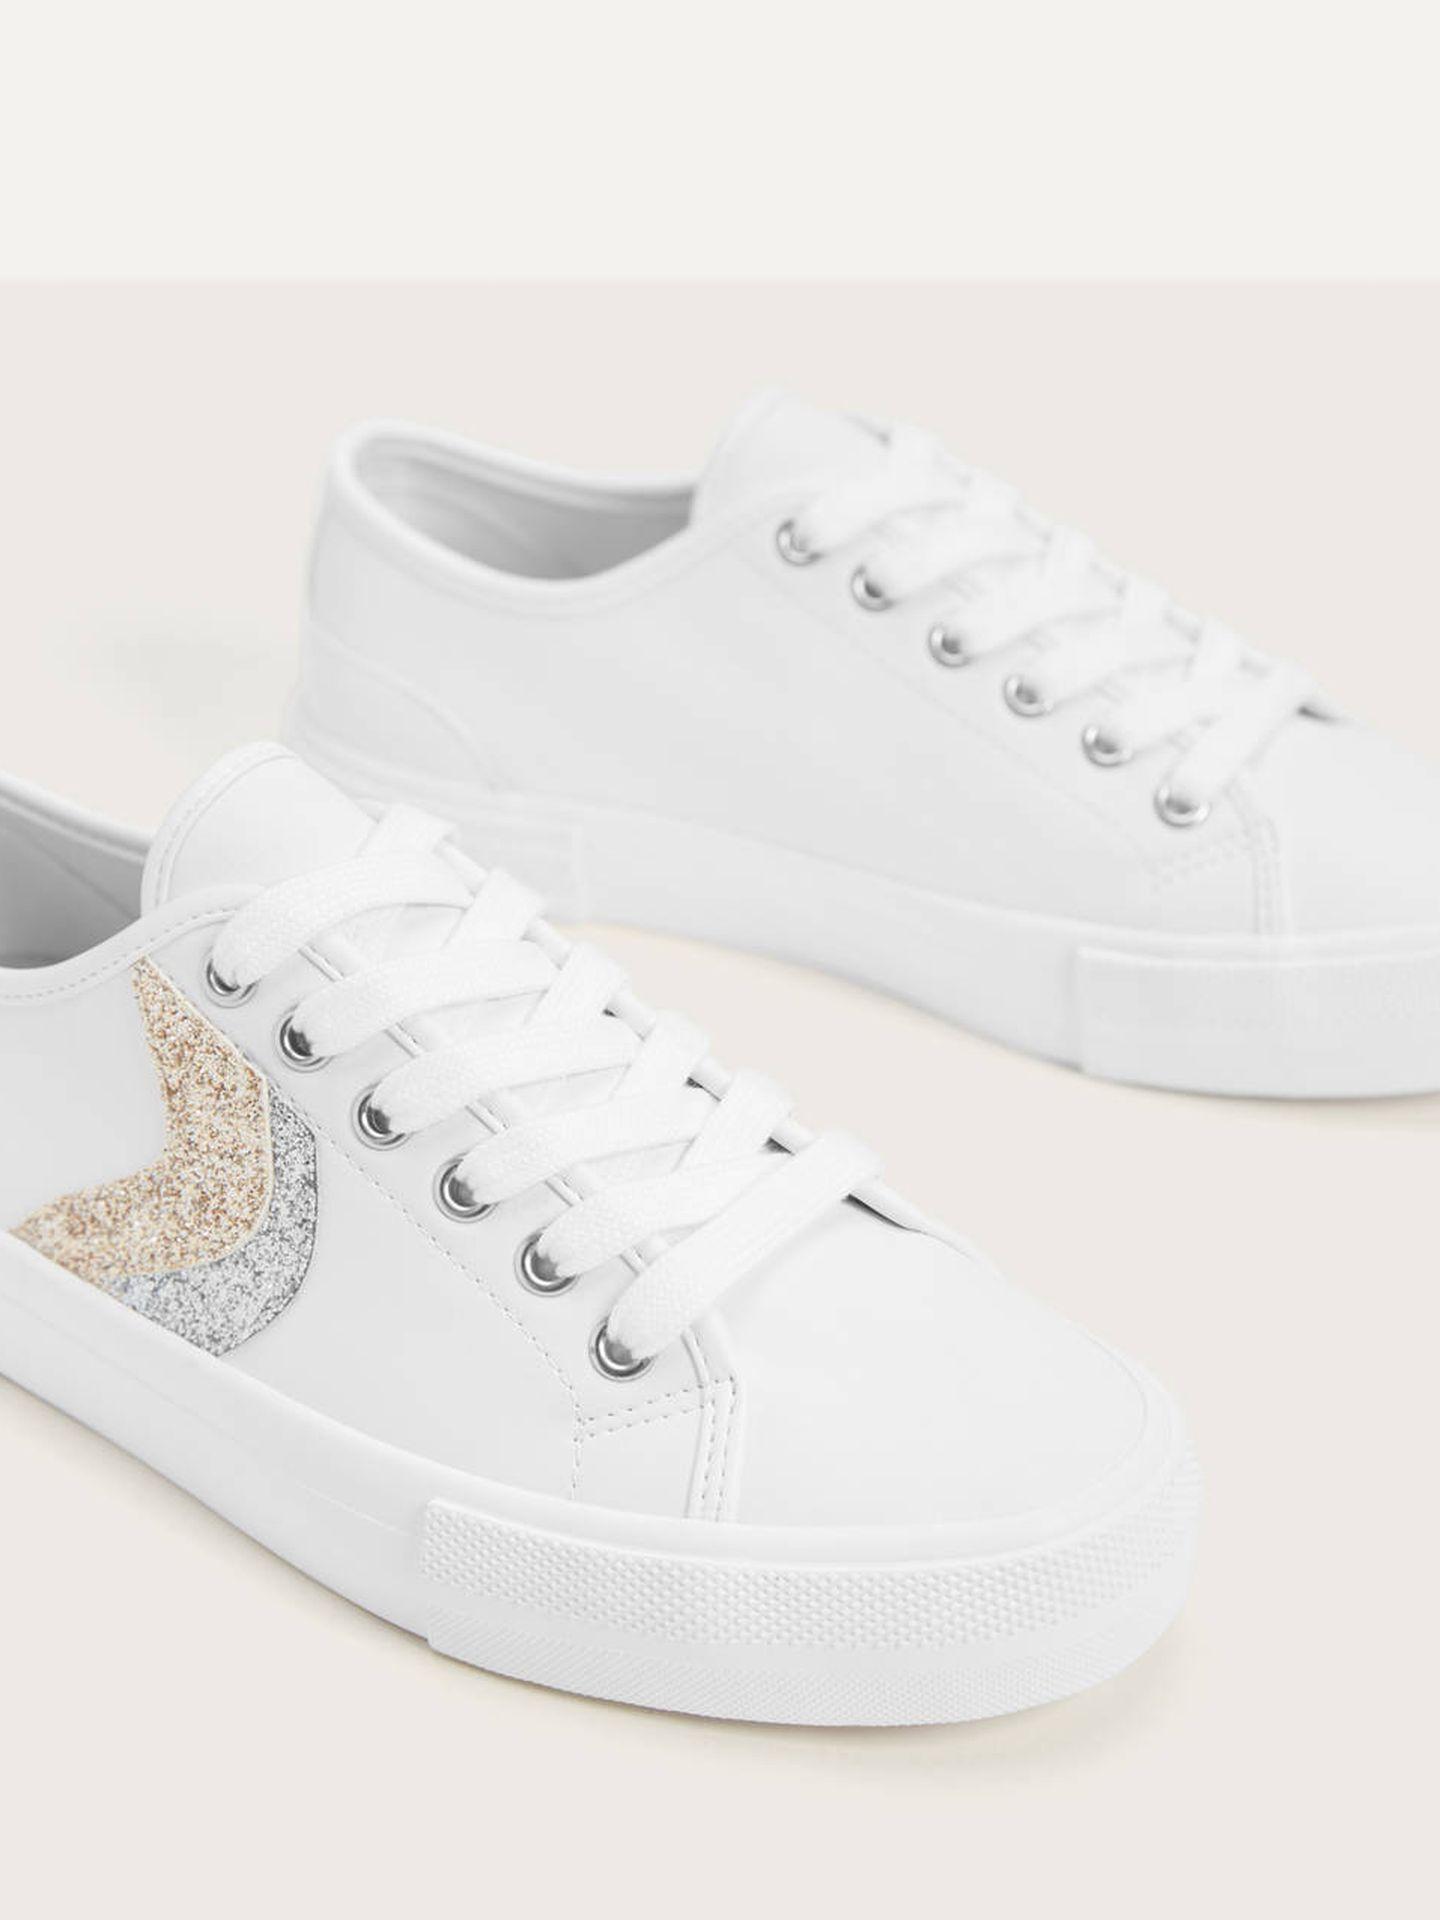 Las zapatillas deportivas de Bershka. (Cortesía)